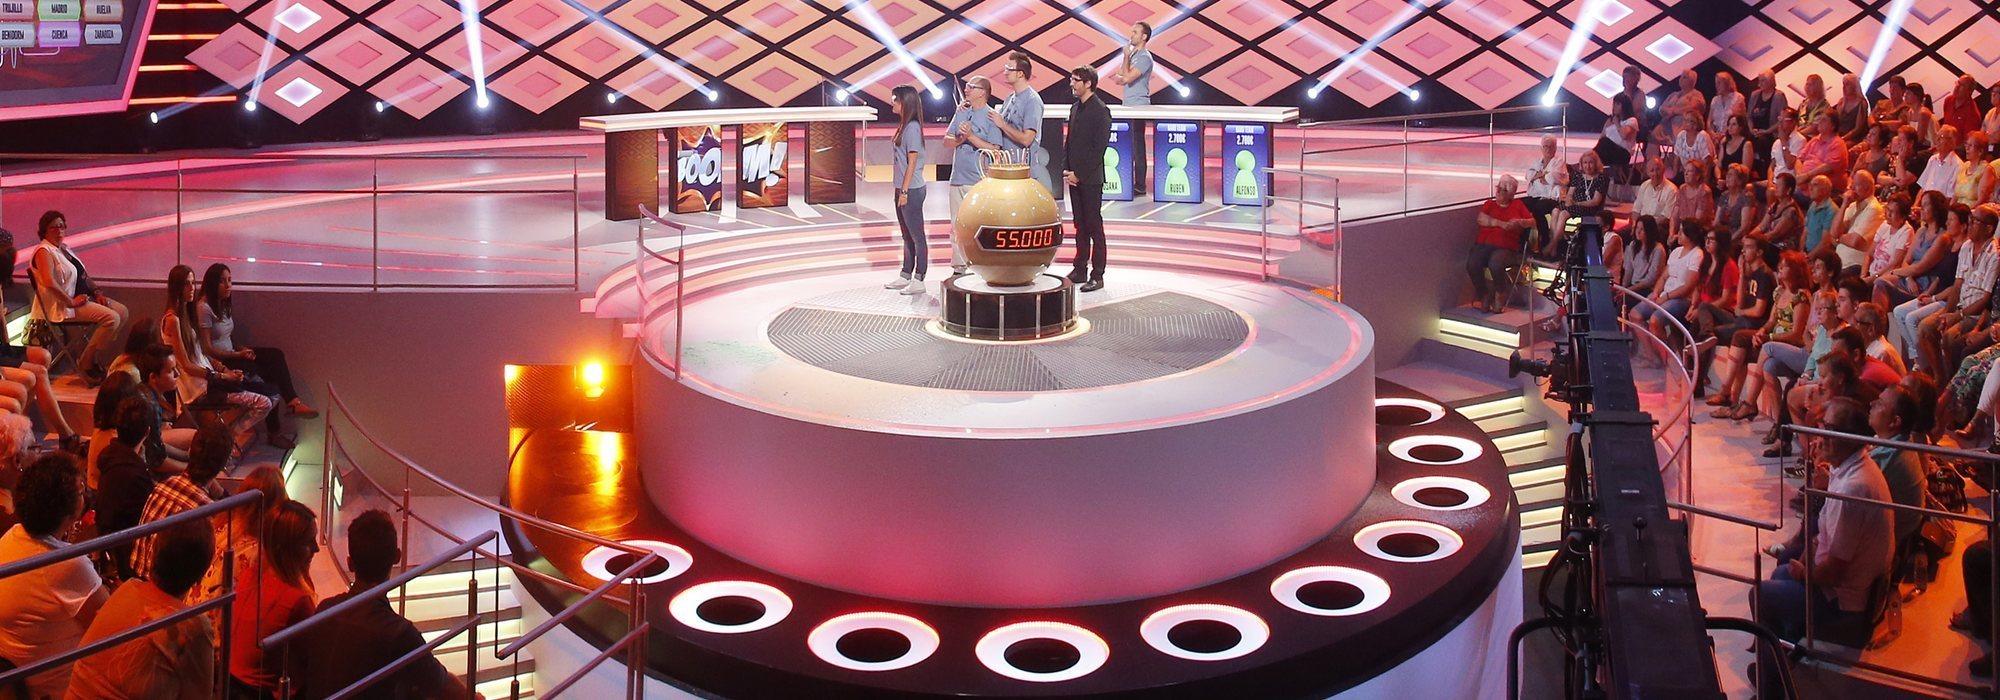 '¡Boom!', el fenómeno de Antena 3 a examen: Así impulsa a 'Antena 3 Noticias' y afecta a 'Pasapalabra'